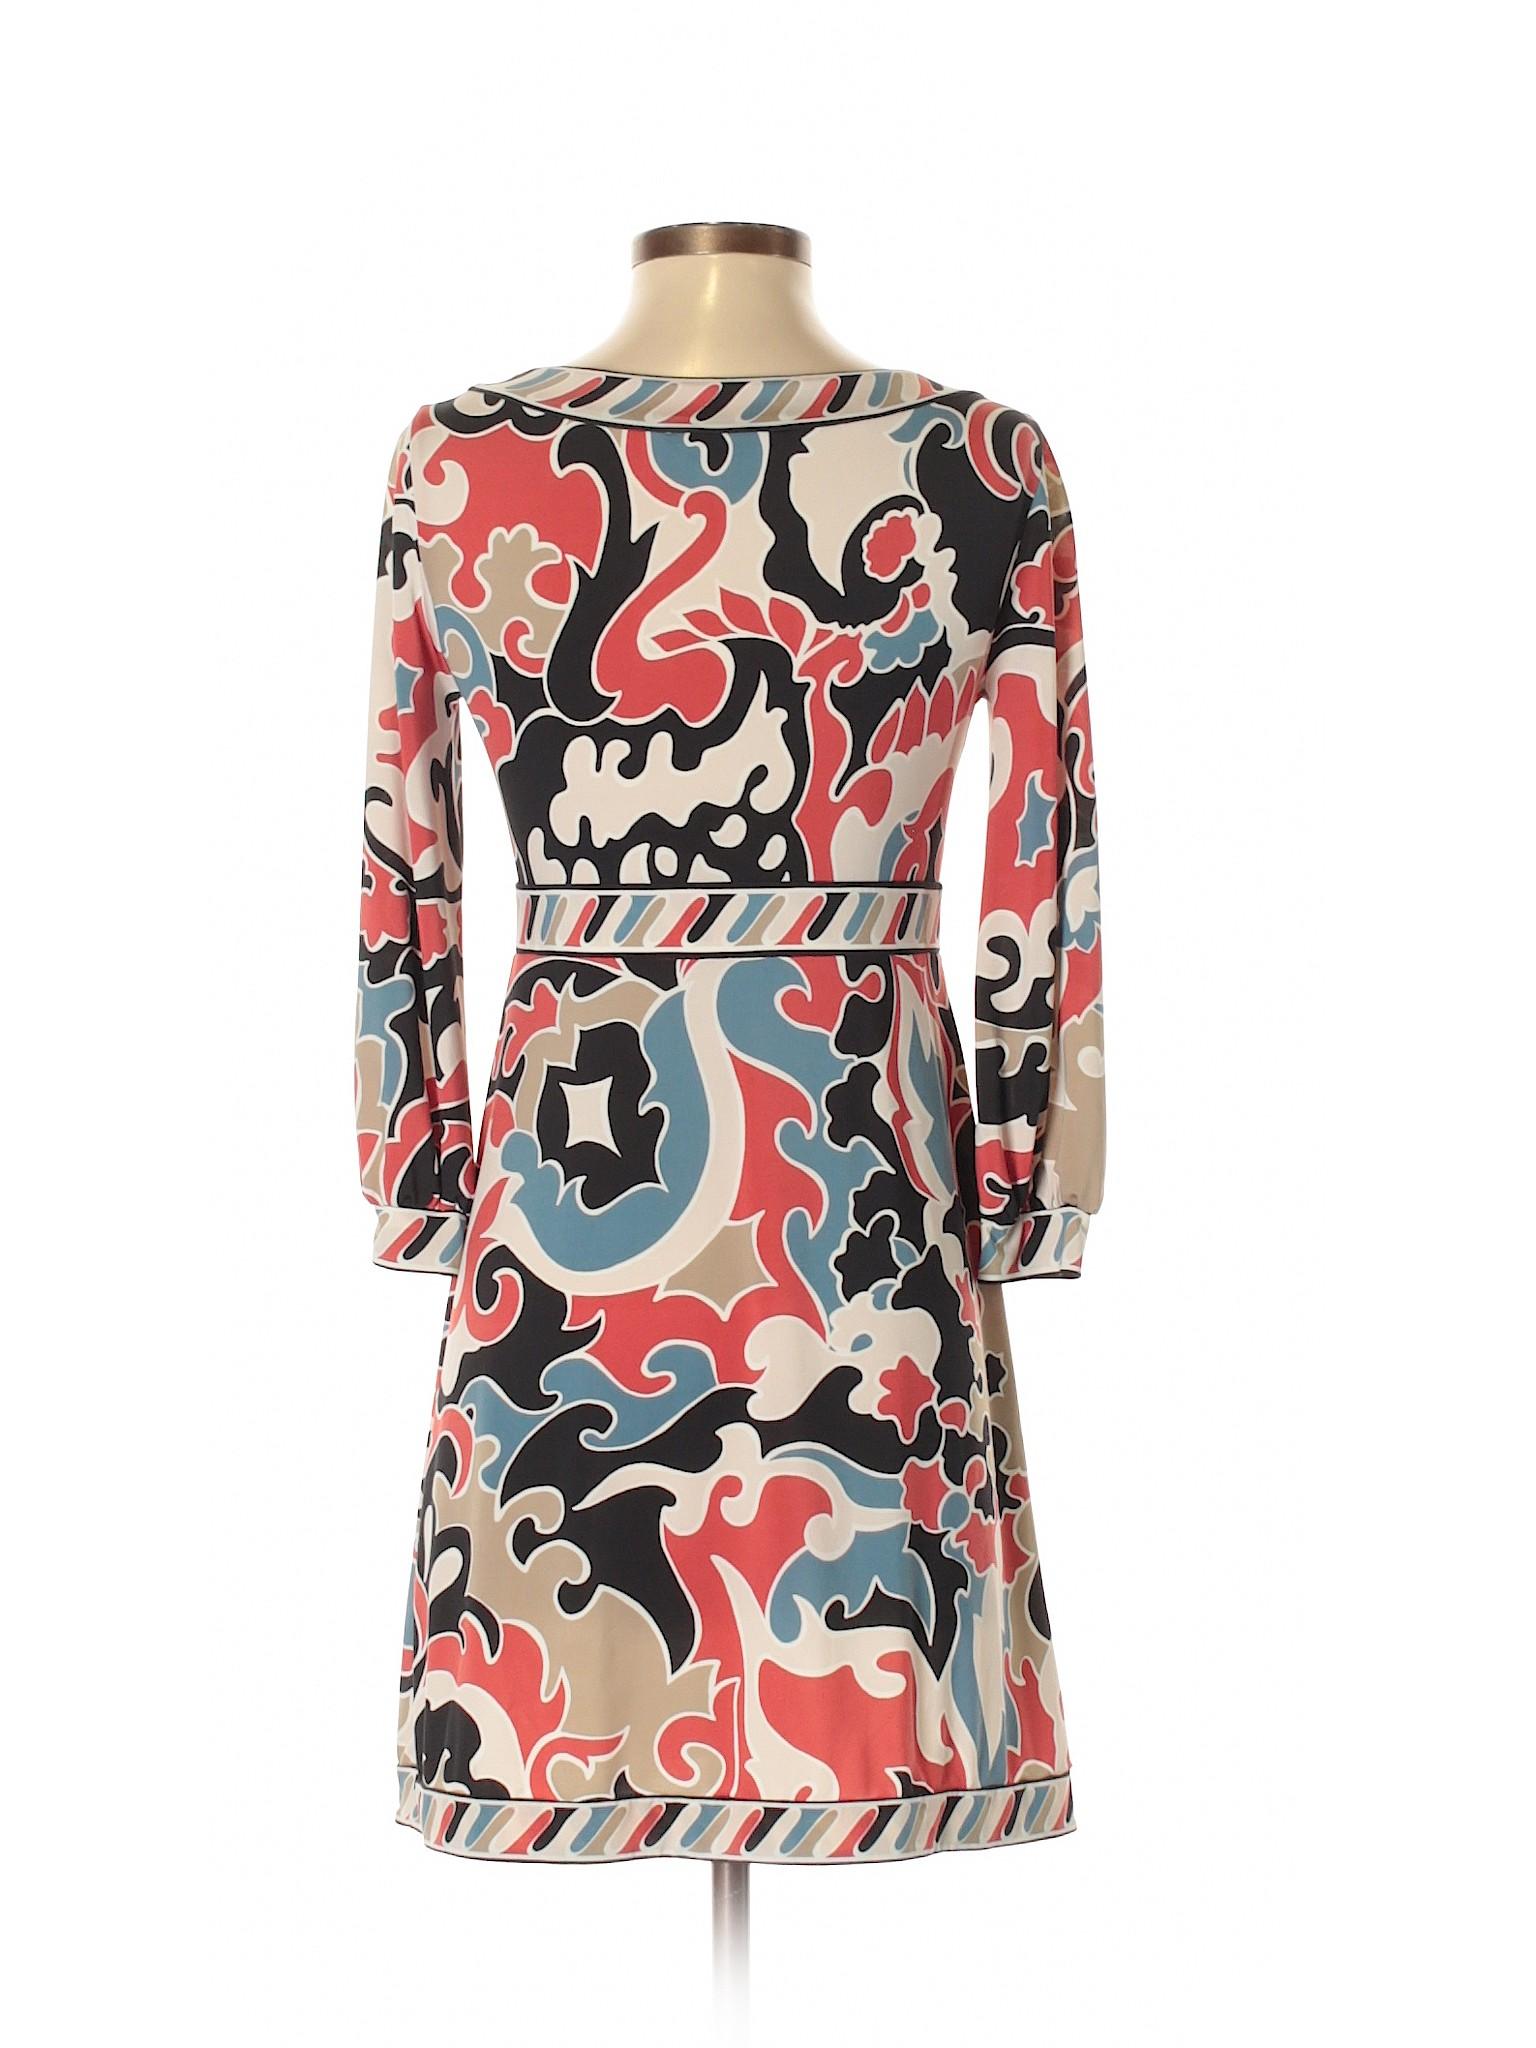 Boutique Boutique Casual BCBGMAXAZRIA winter BCBGMAXAZRIA Casual winter Dress tTwqfZnx